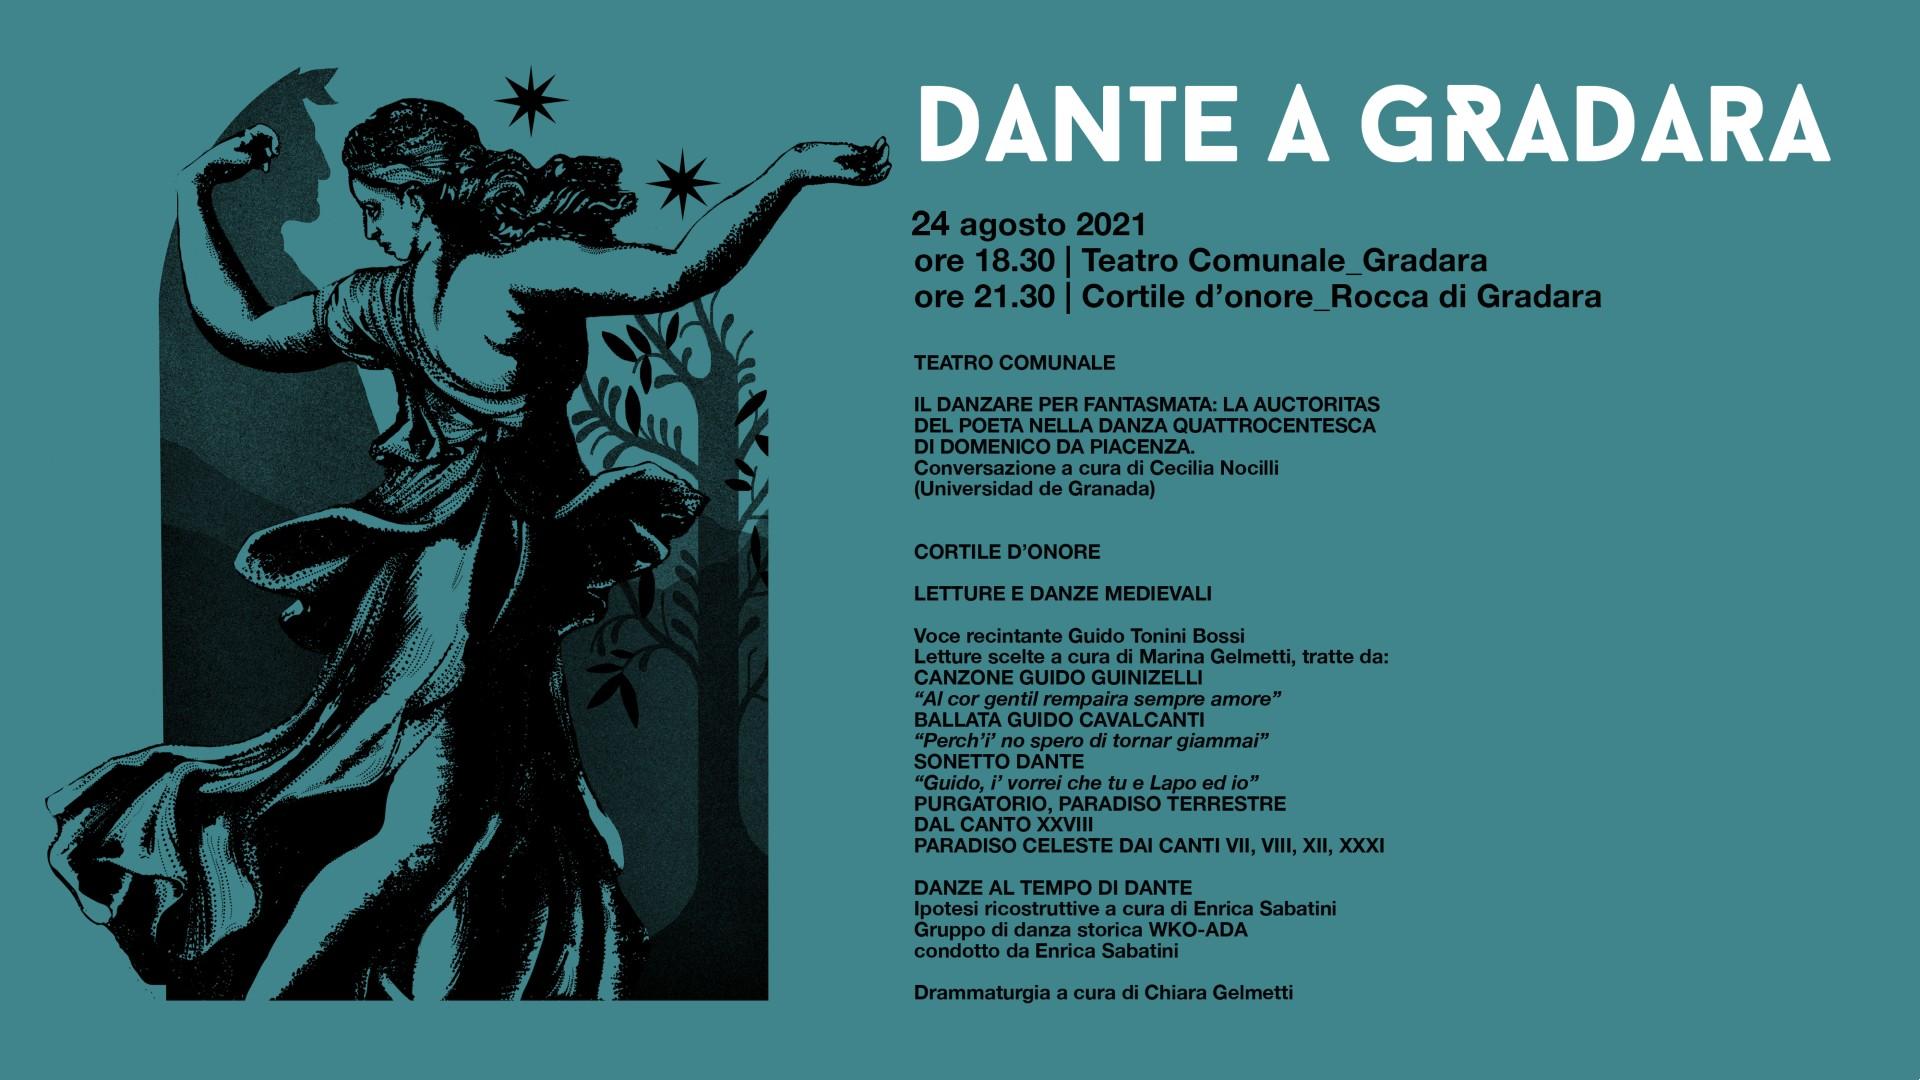 Dante a Gradara